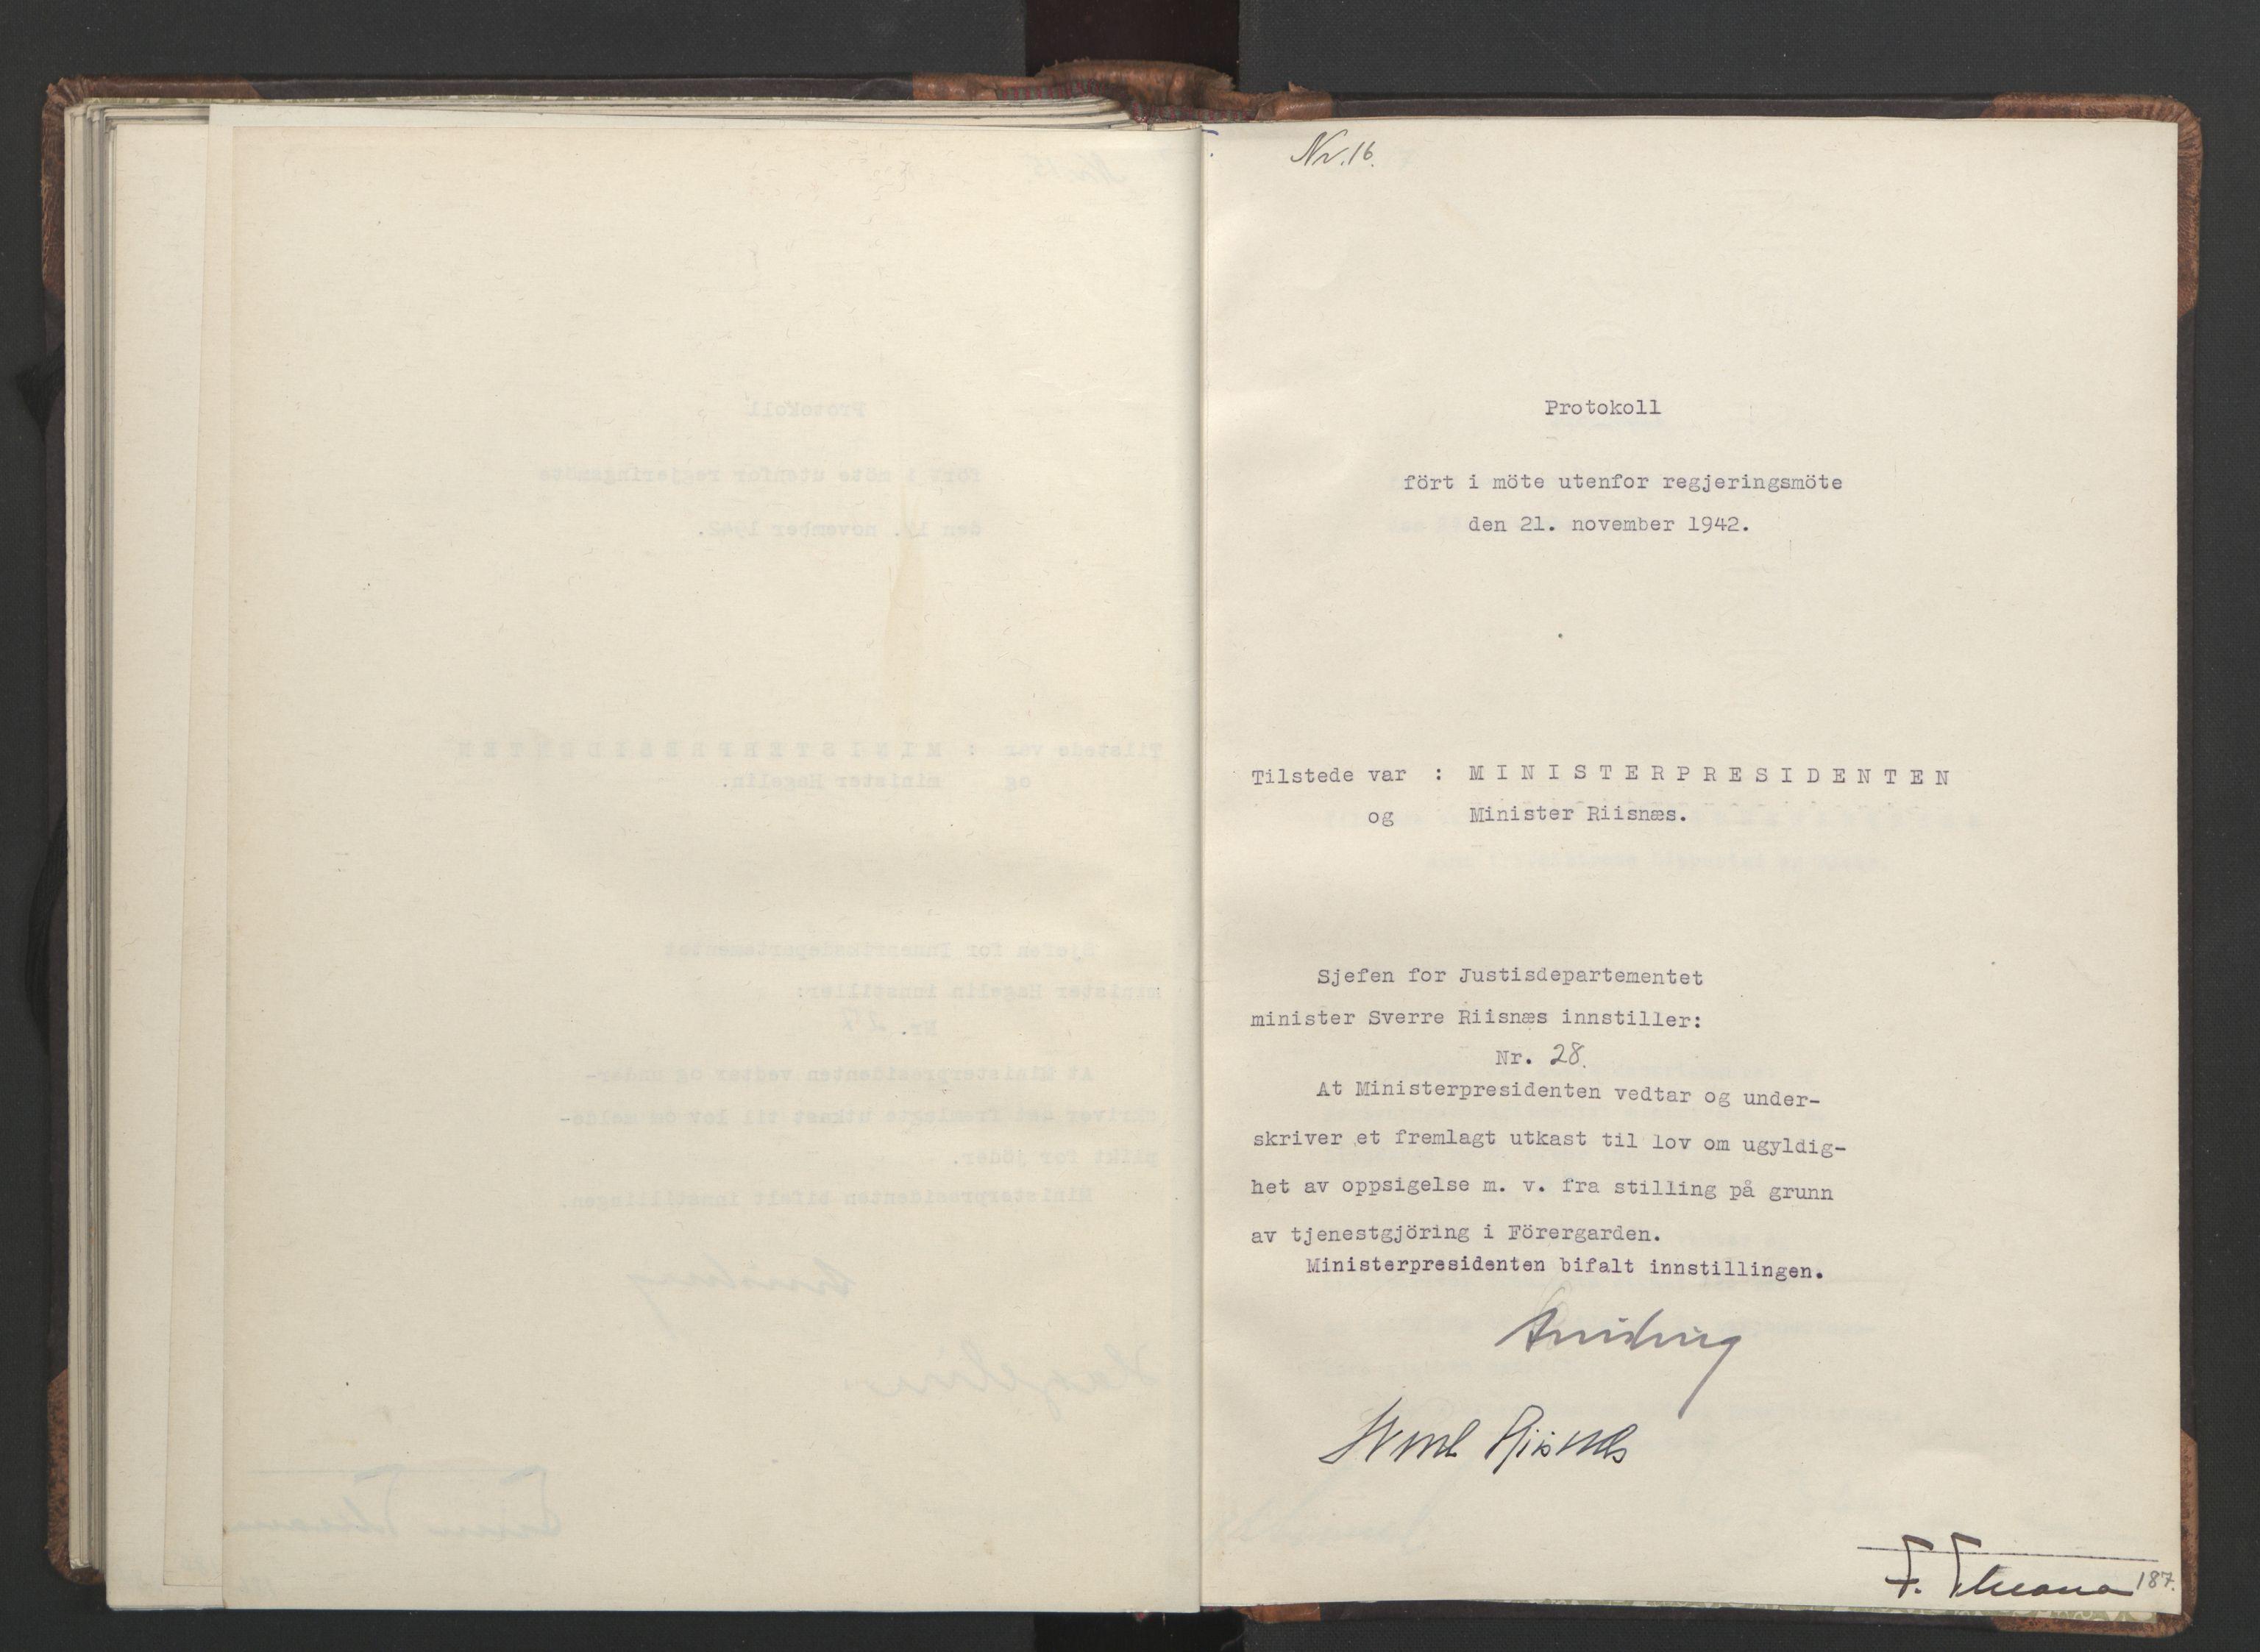 RA, NS-administrasjonen 1940-1945 (Statsrådsekretariatet, de kommisariske statsråder mm), D/Da/L0001: Beslutninger og tillegg (1-952 og 1-32), 1942, s. 186b-187a